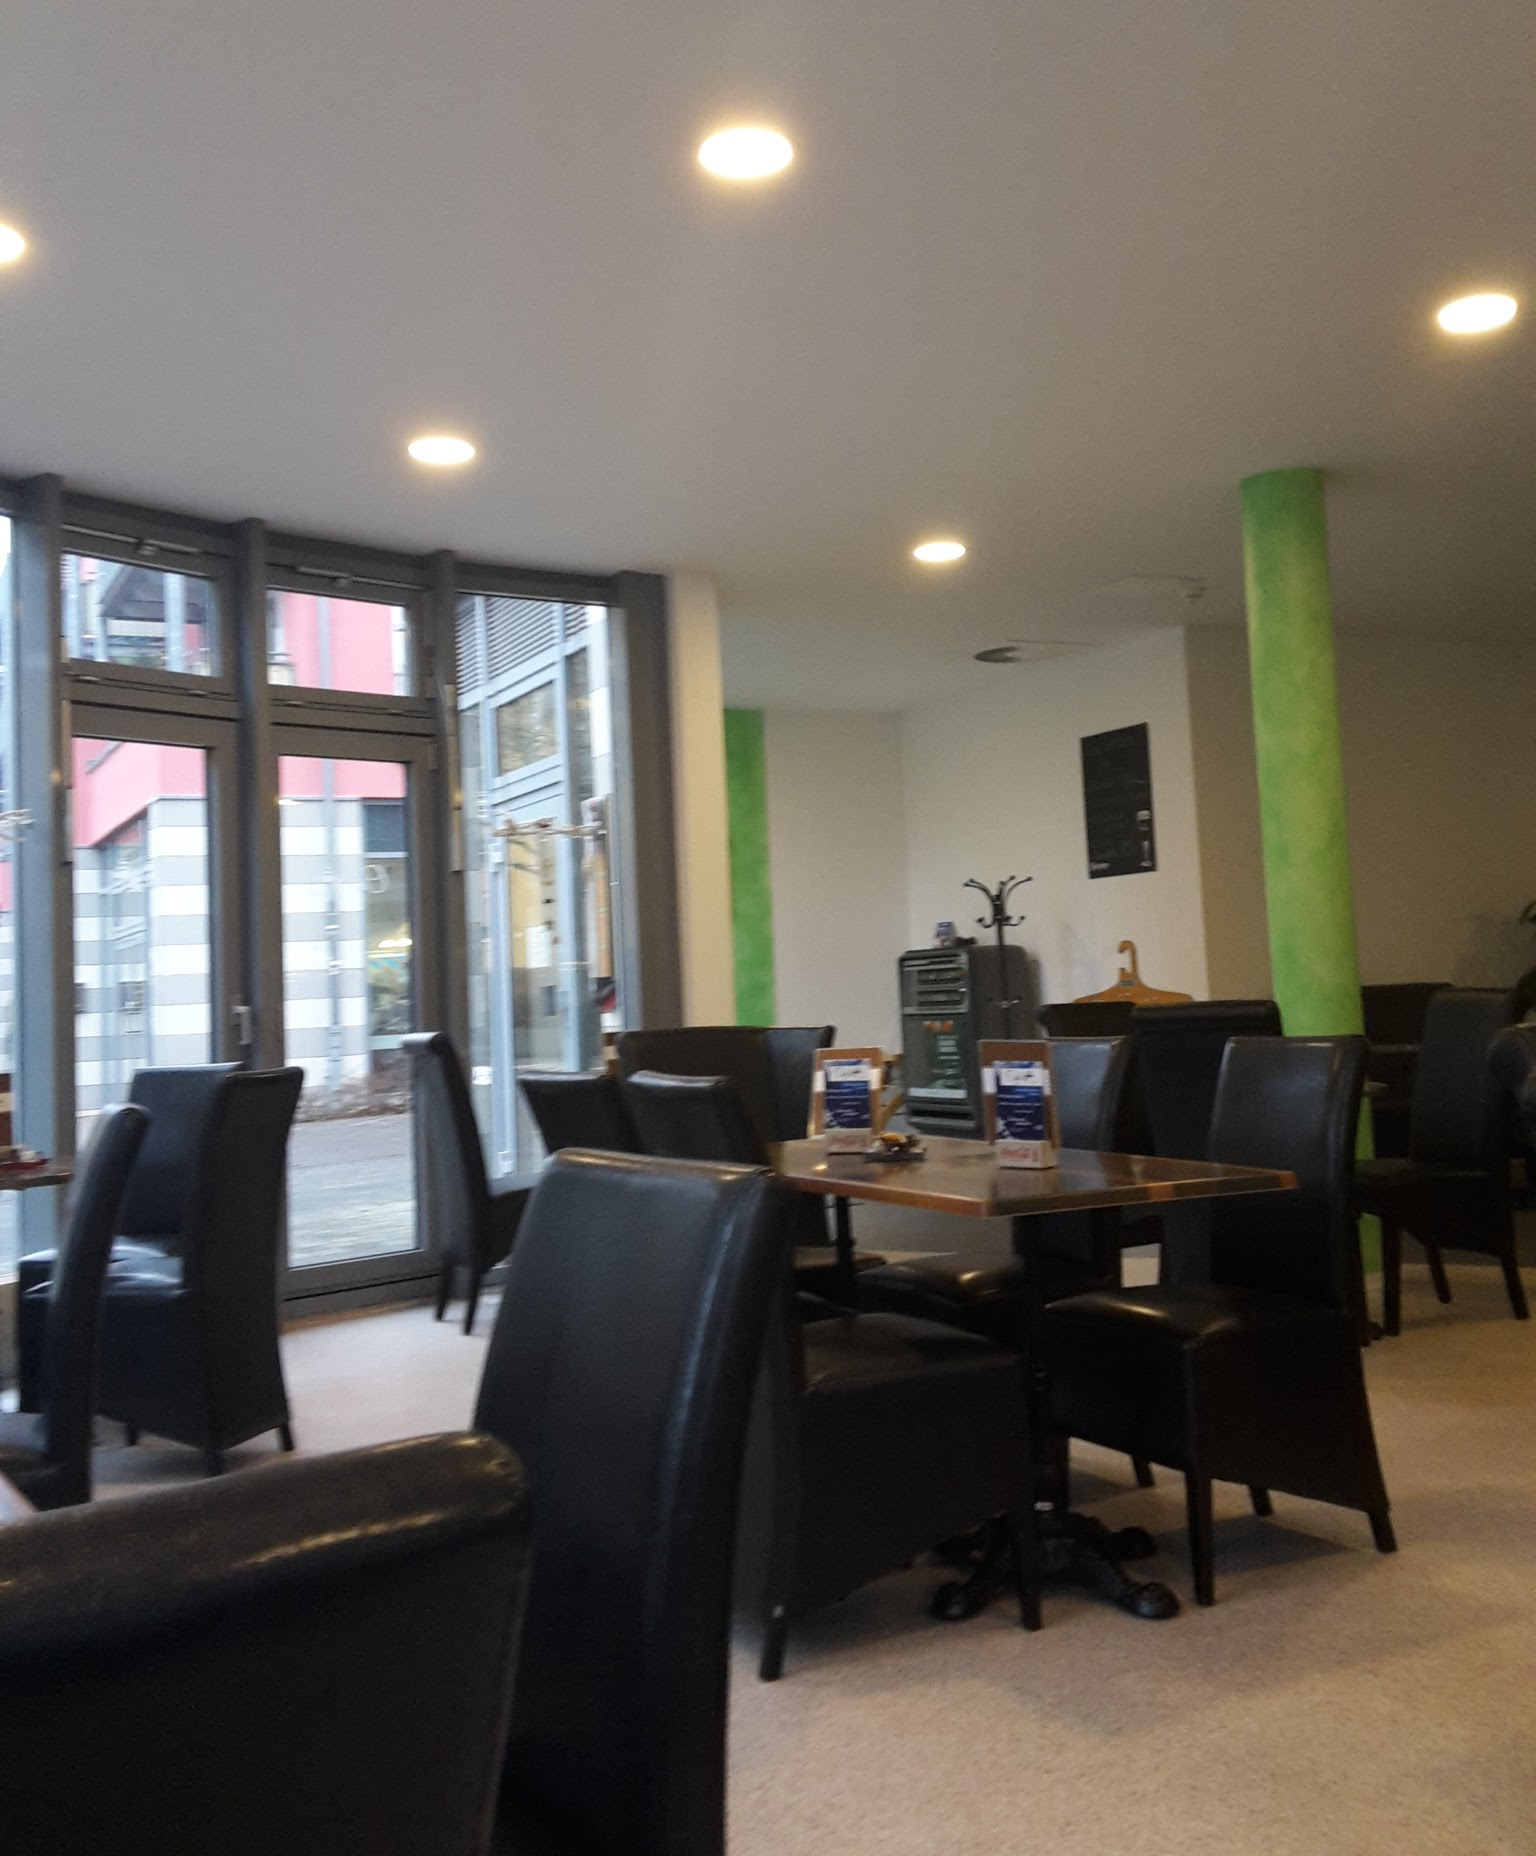 Otto-Knöpfer-Straße Cafe SüdPark 4